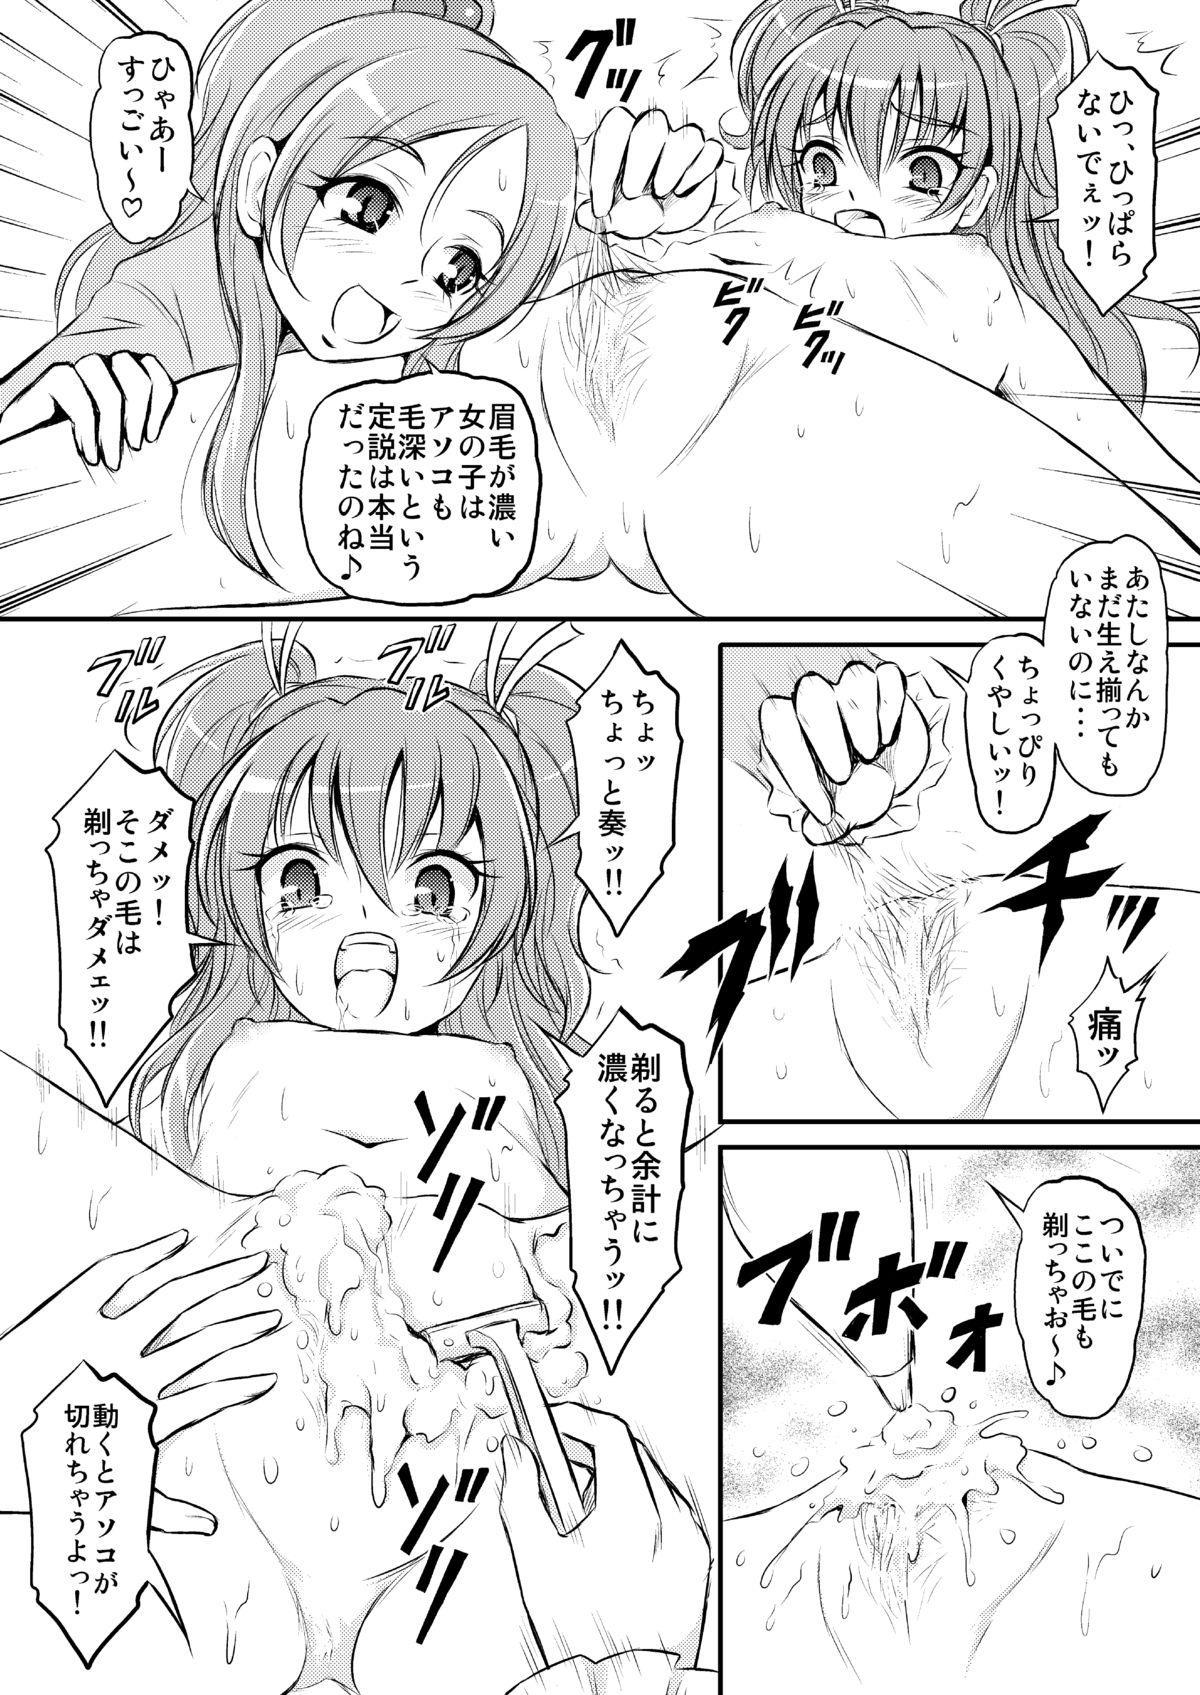 Oshiri ni Sen wo Shite 4